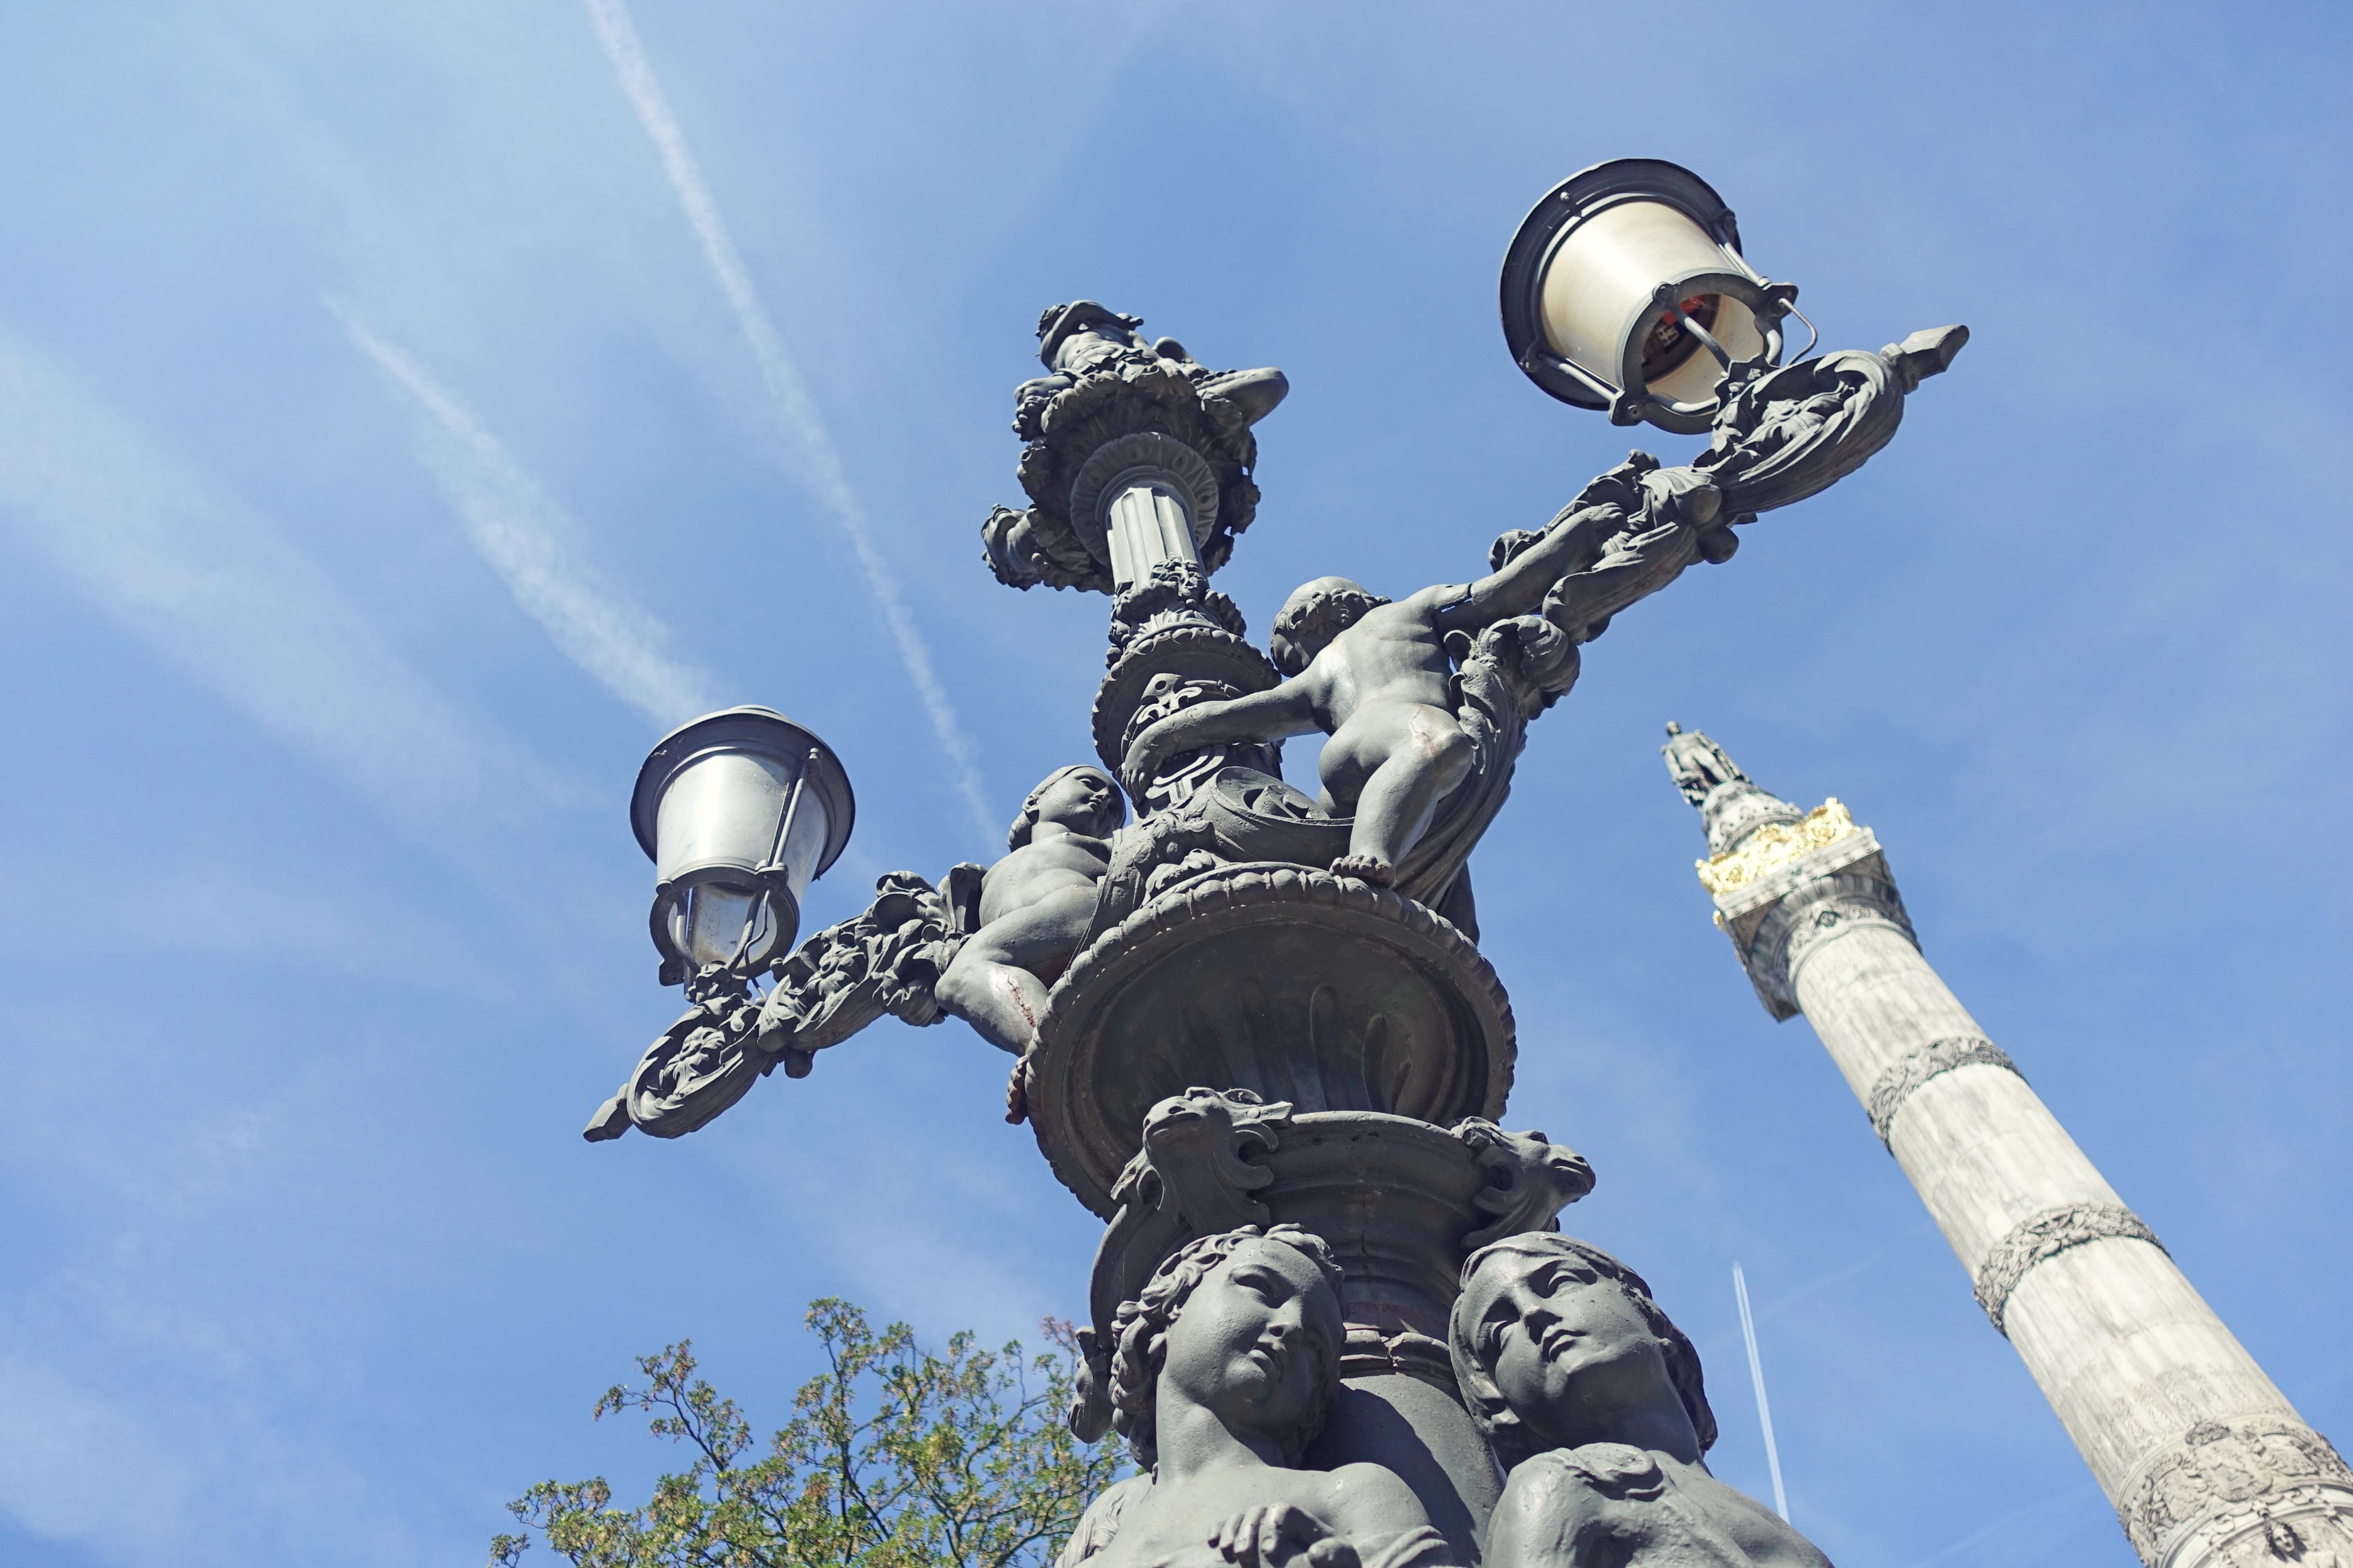 Plaza-del-congreso-bruselas-blog-de-viajes-Chicadicta-influencer-Chic-adicta-fashion-travel-PiensaenChic-Piensa-en-Chic